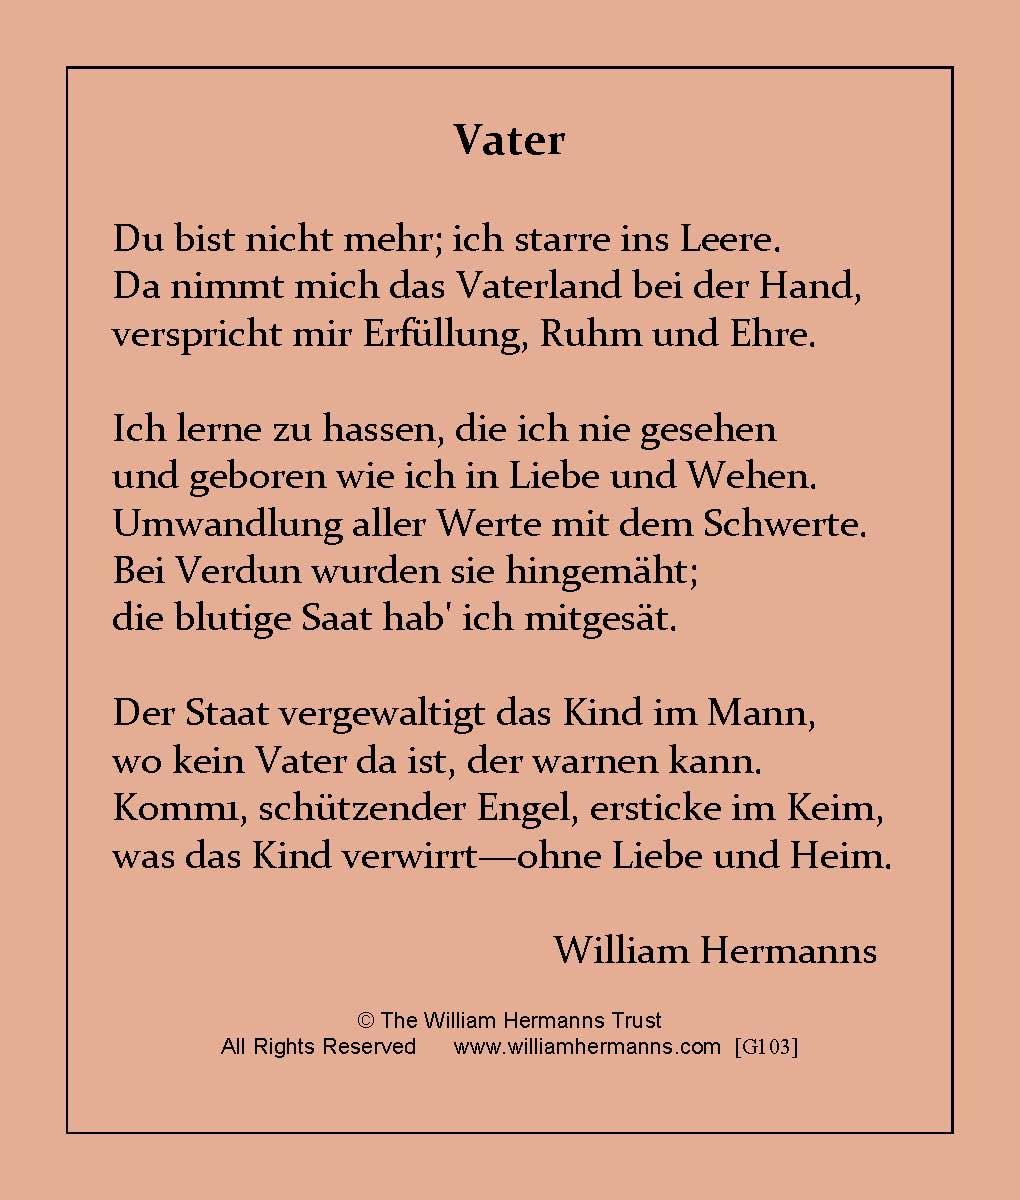 William Hermanns Poem G103vater Du Bist Nicht Mehr Ich